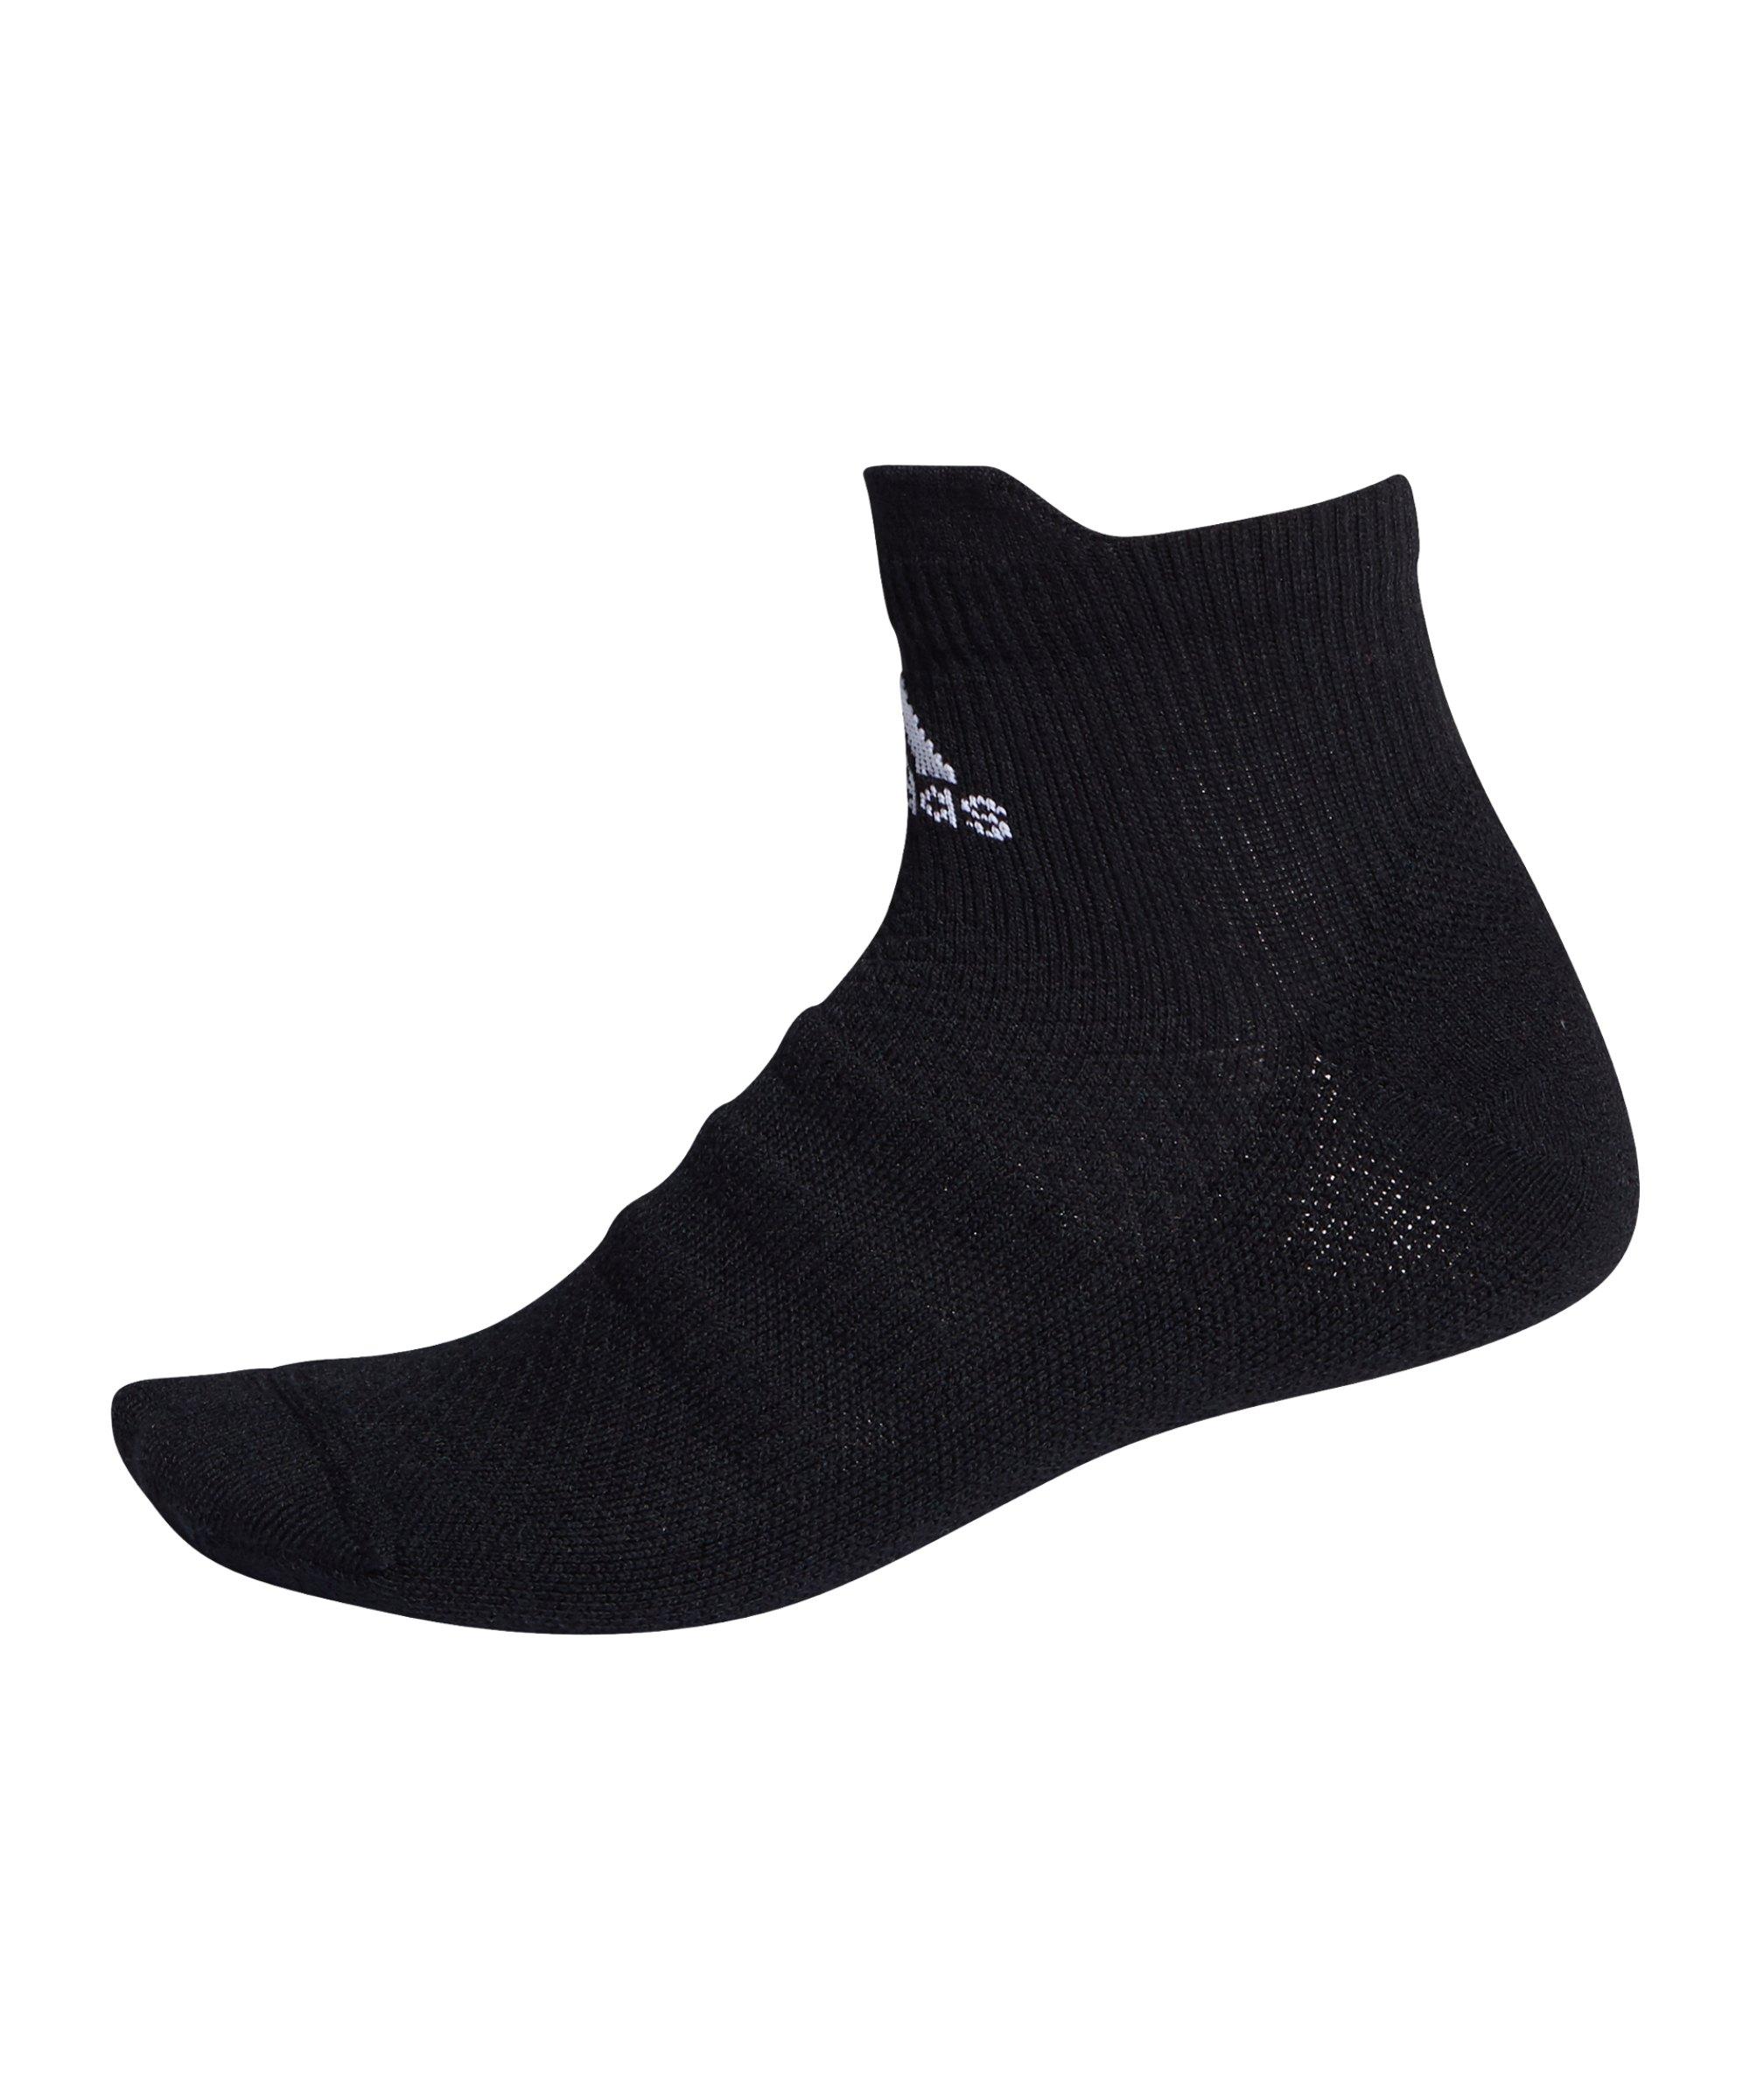 adidas Alphaskin Ankle LC Socken Schwarz - schwarz